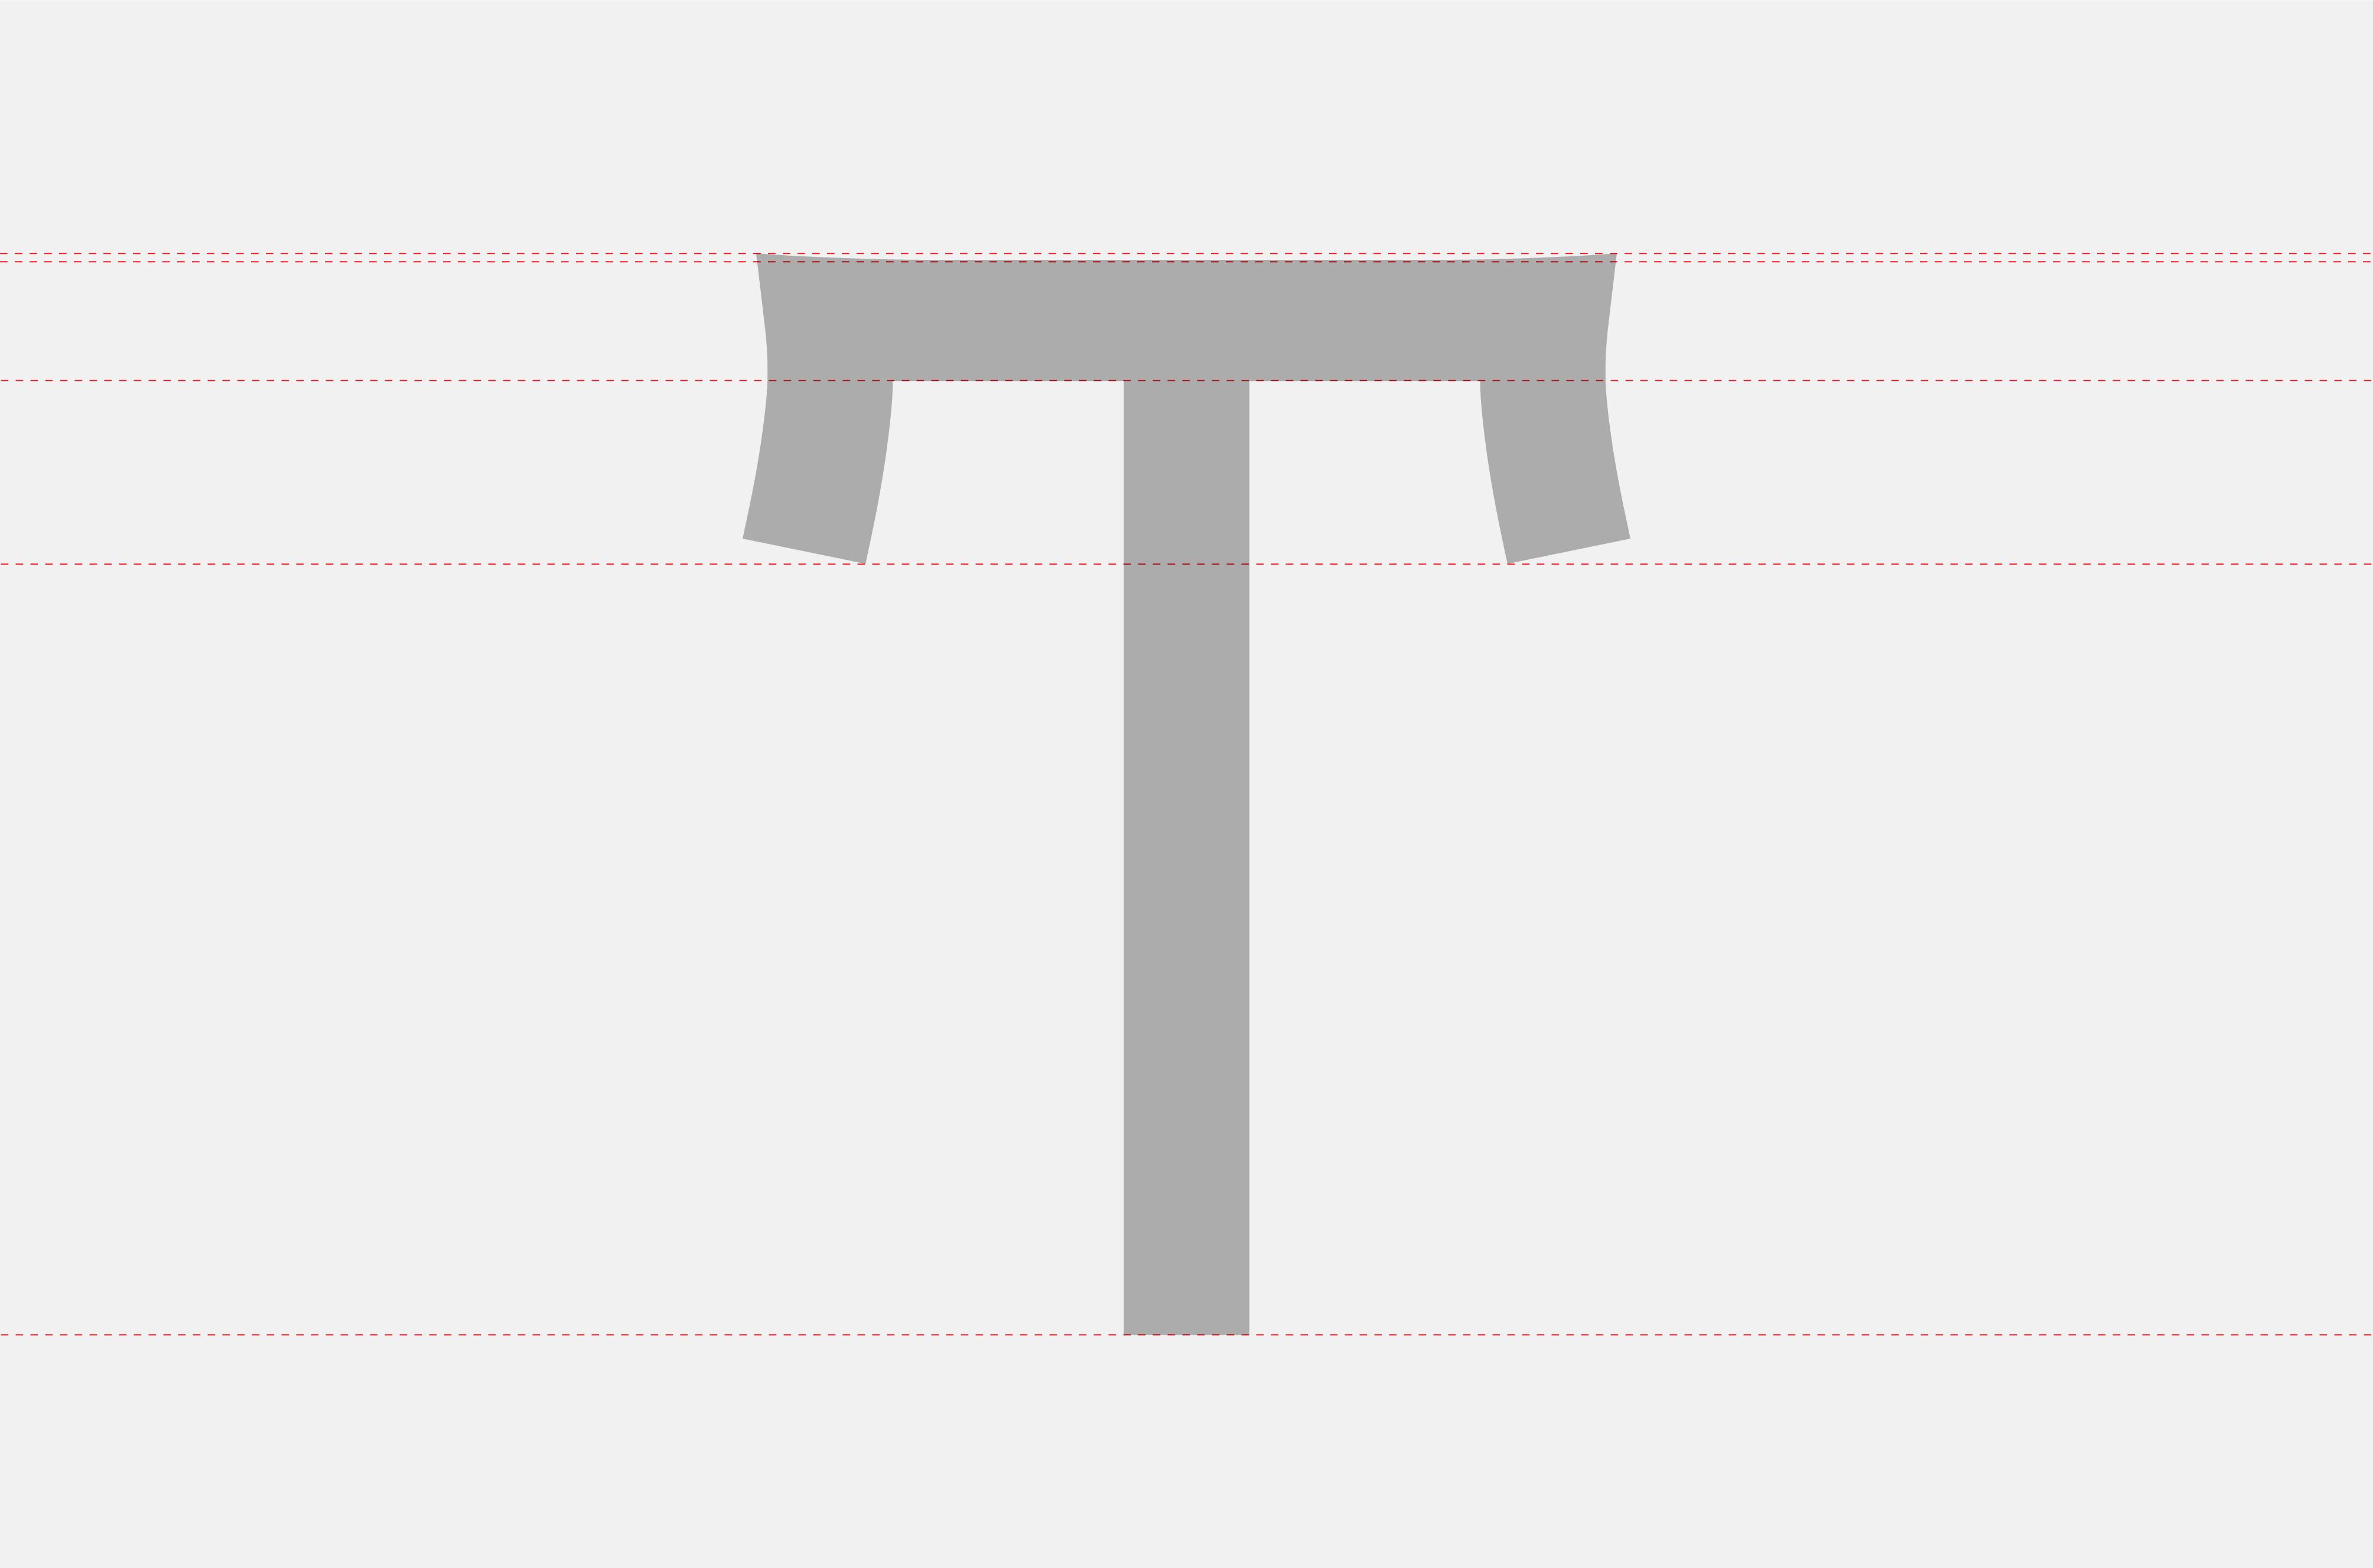 T_costruzione-10